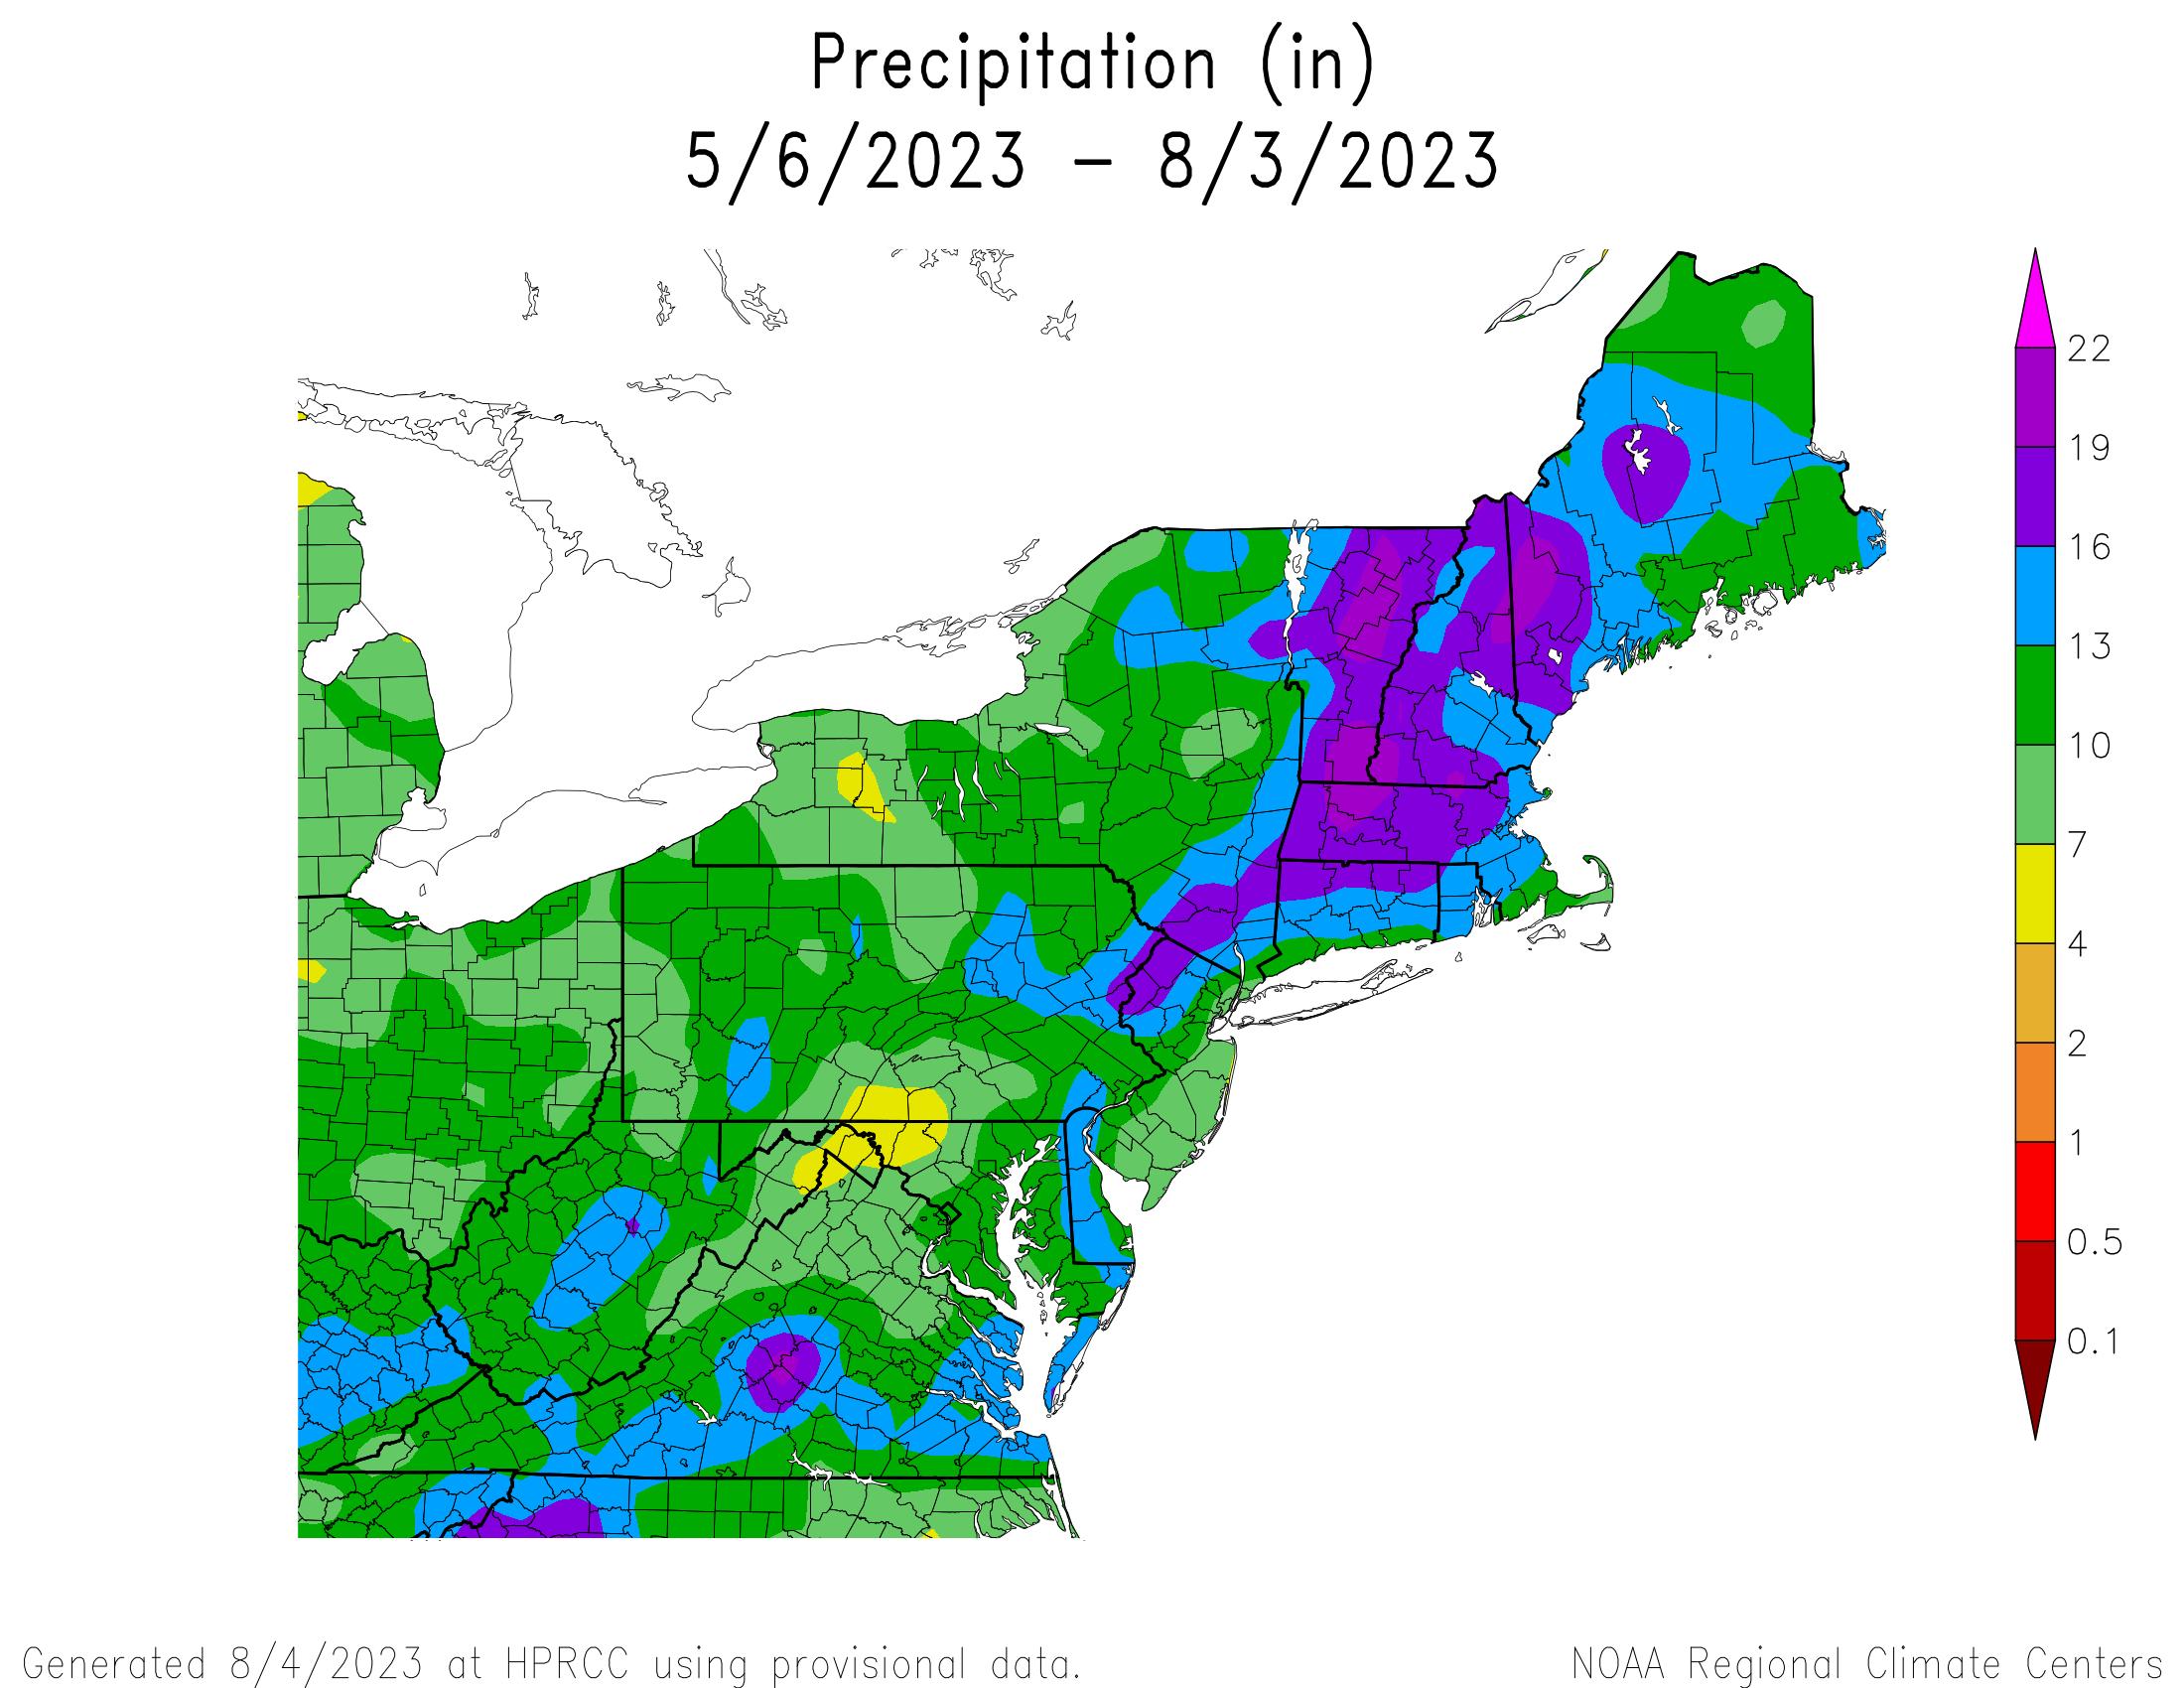 90-Day Total Precipitation